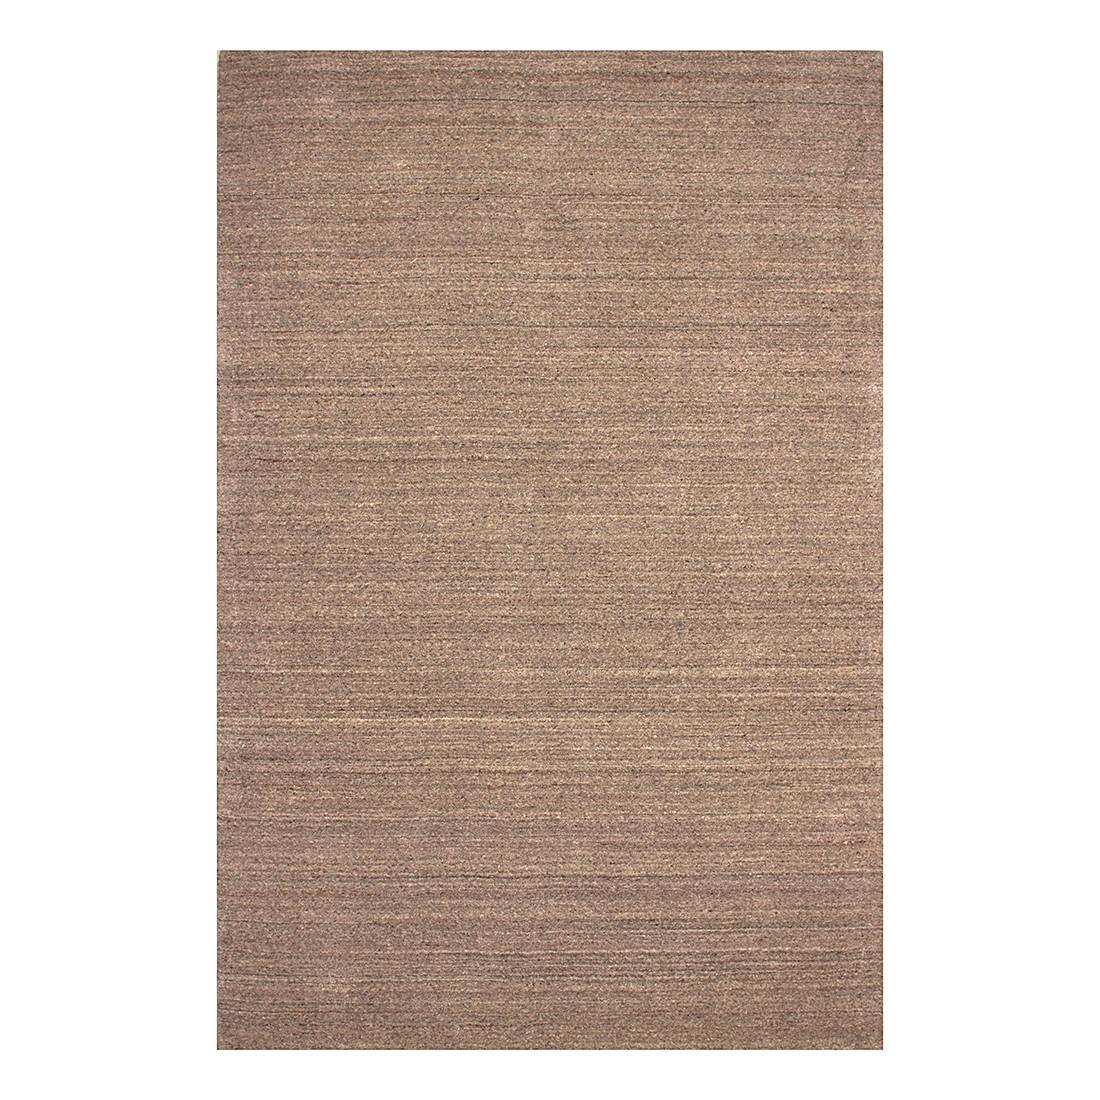 Teppich Prestige – Silber – 80 x 150 cm, Kayoom online bestellen